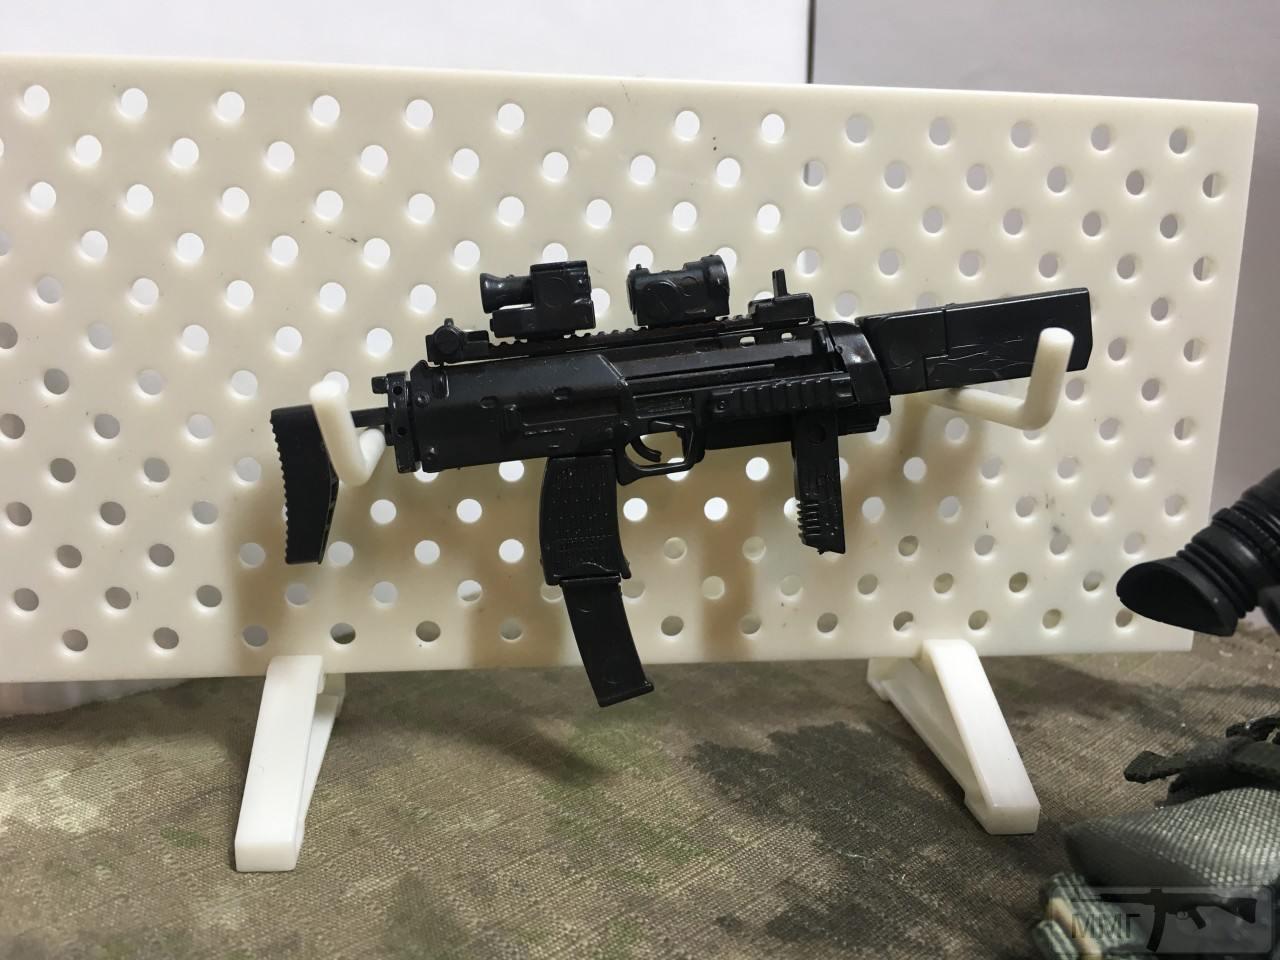 53983 - Макеты оружия/ модели 1:6